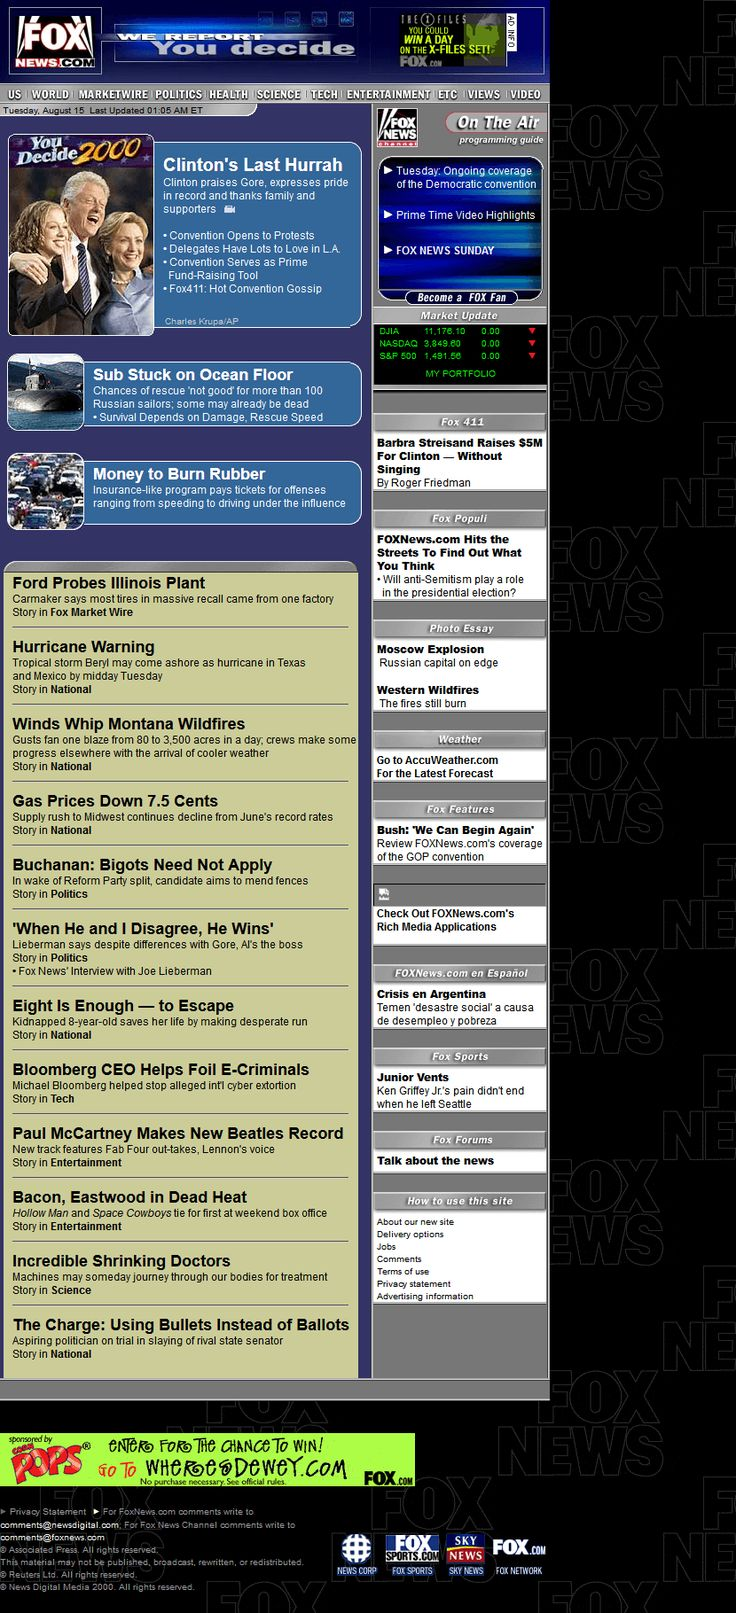 Fox News Channel website in 2000